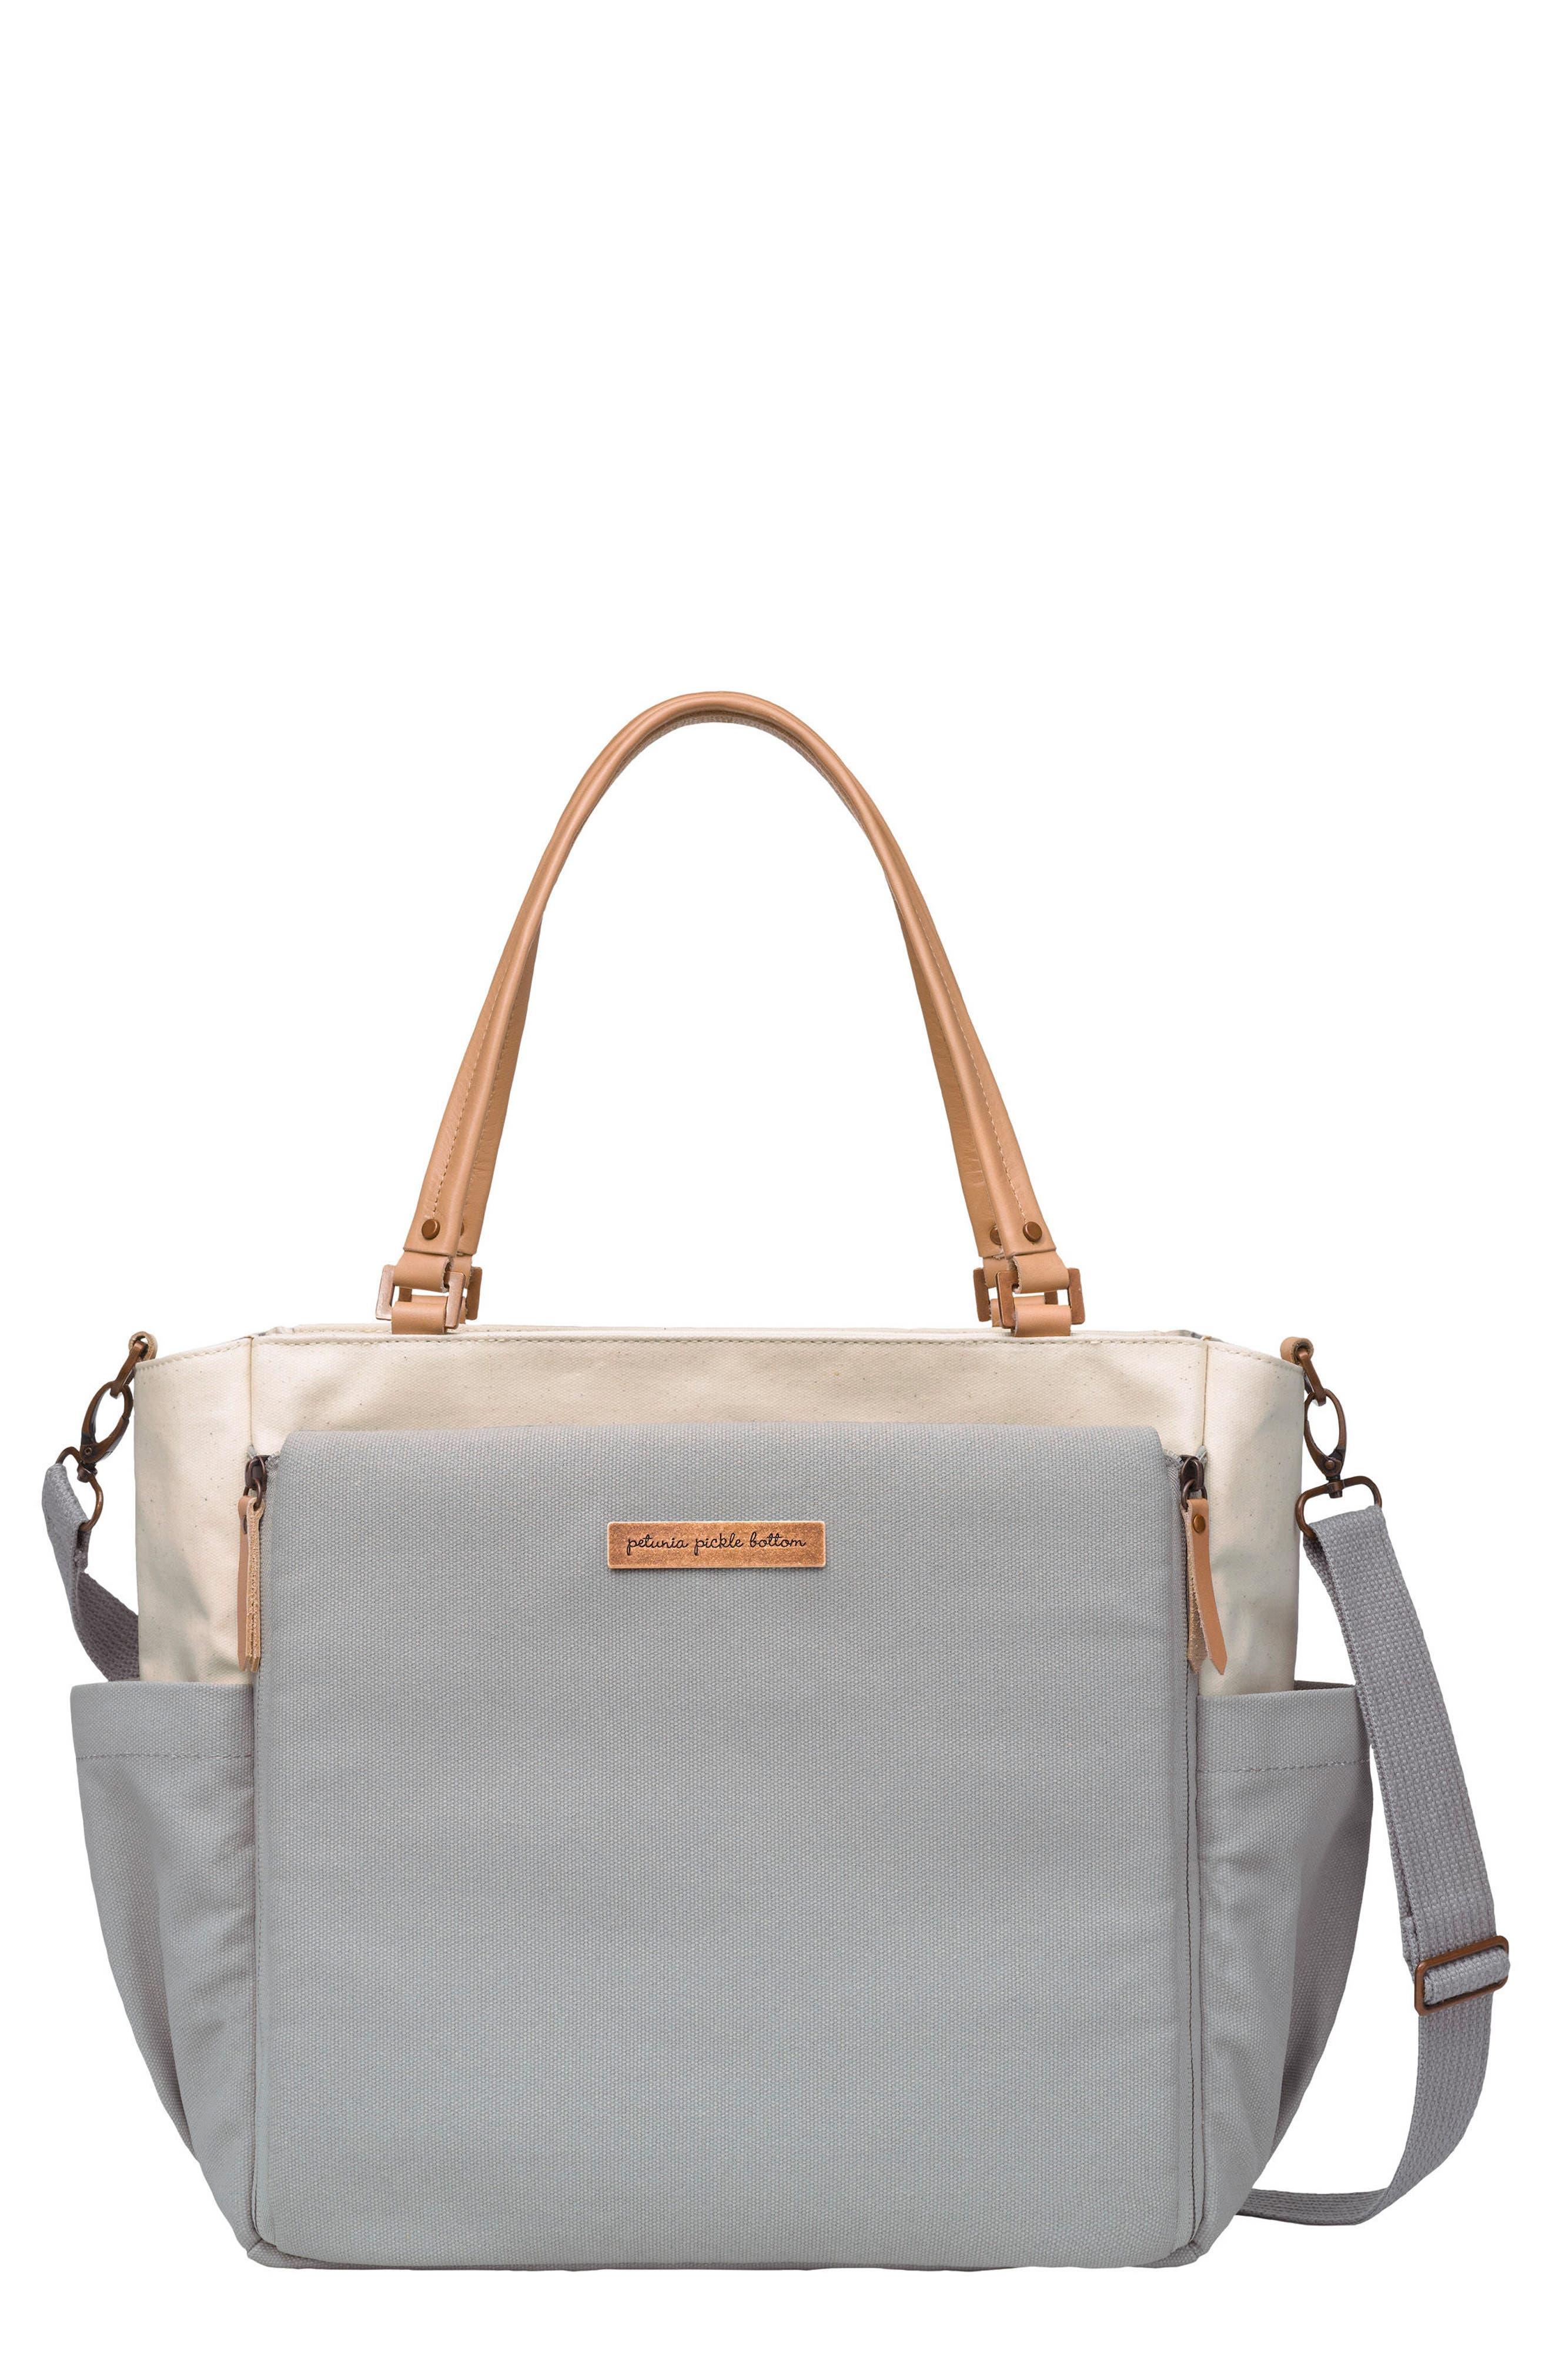 Alternate Image 1 Selected - Petunia Pickle Bottom City Carryall Diaper Bag